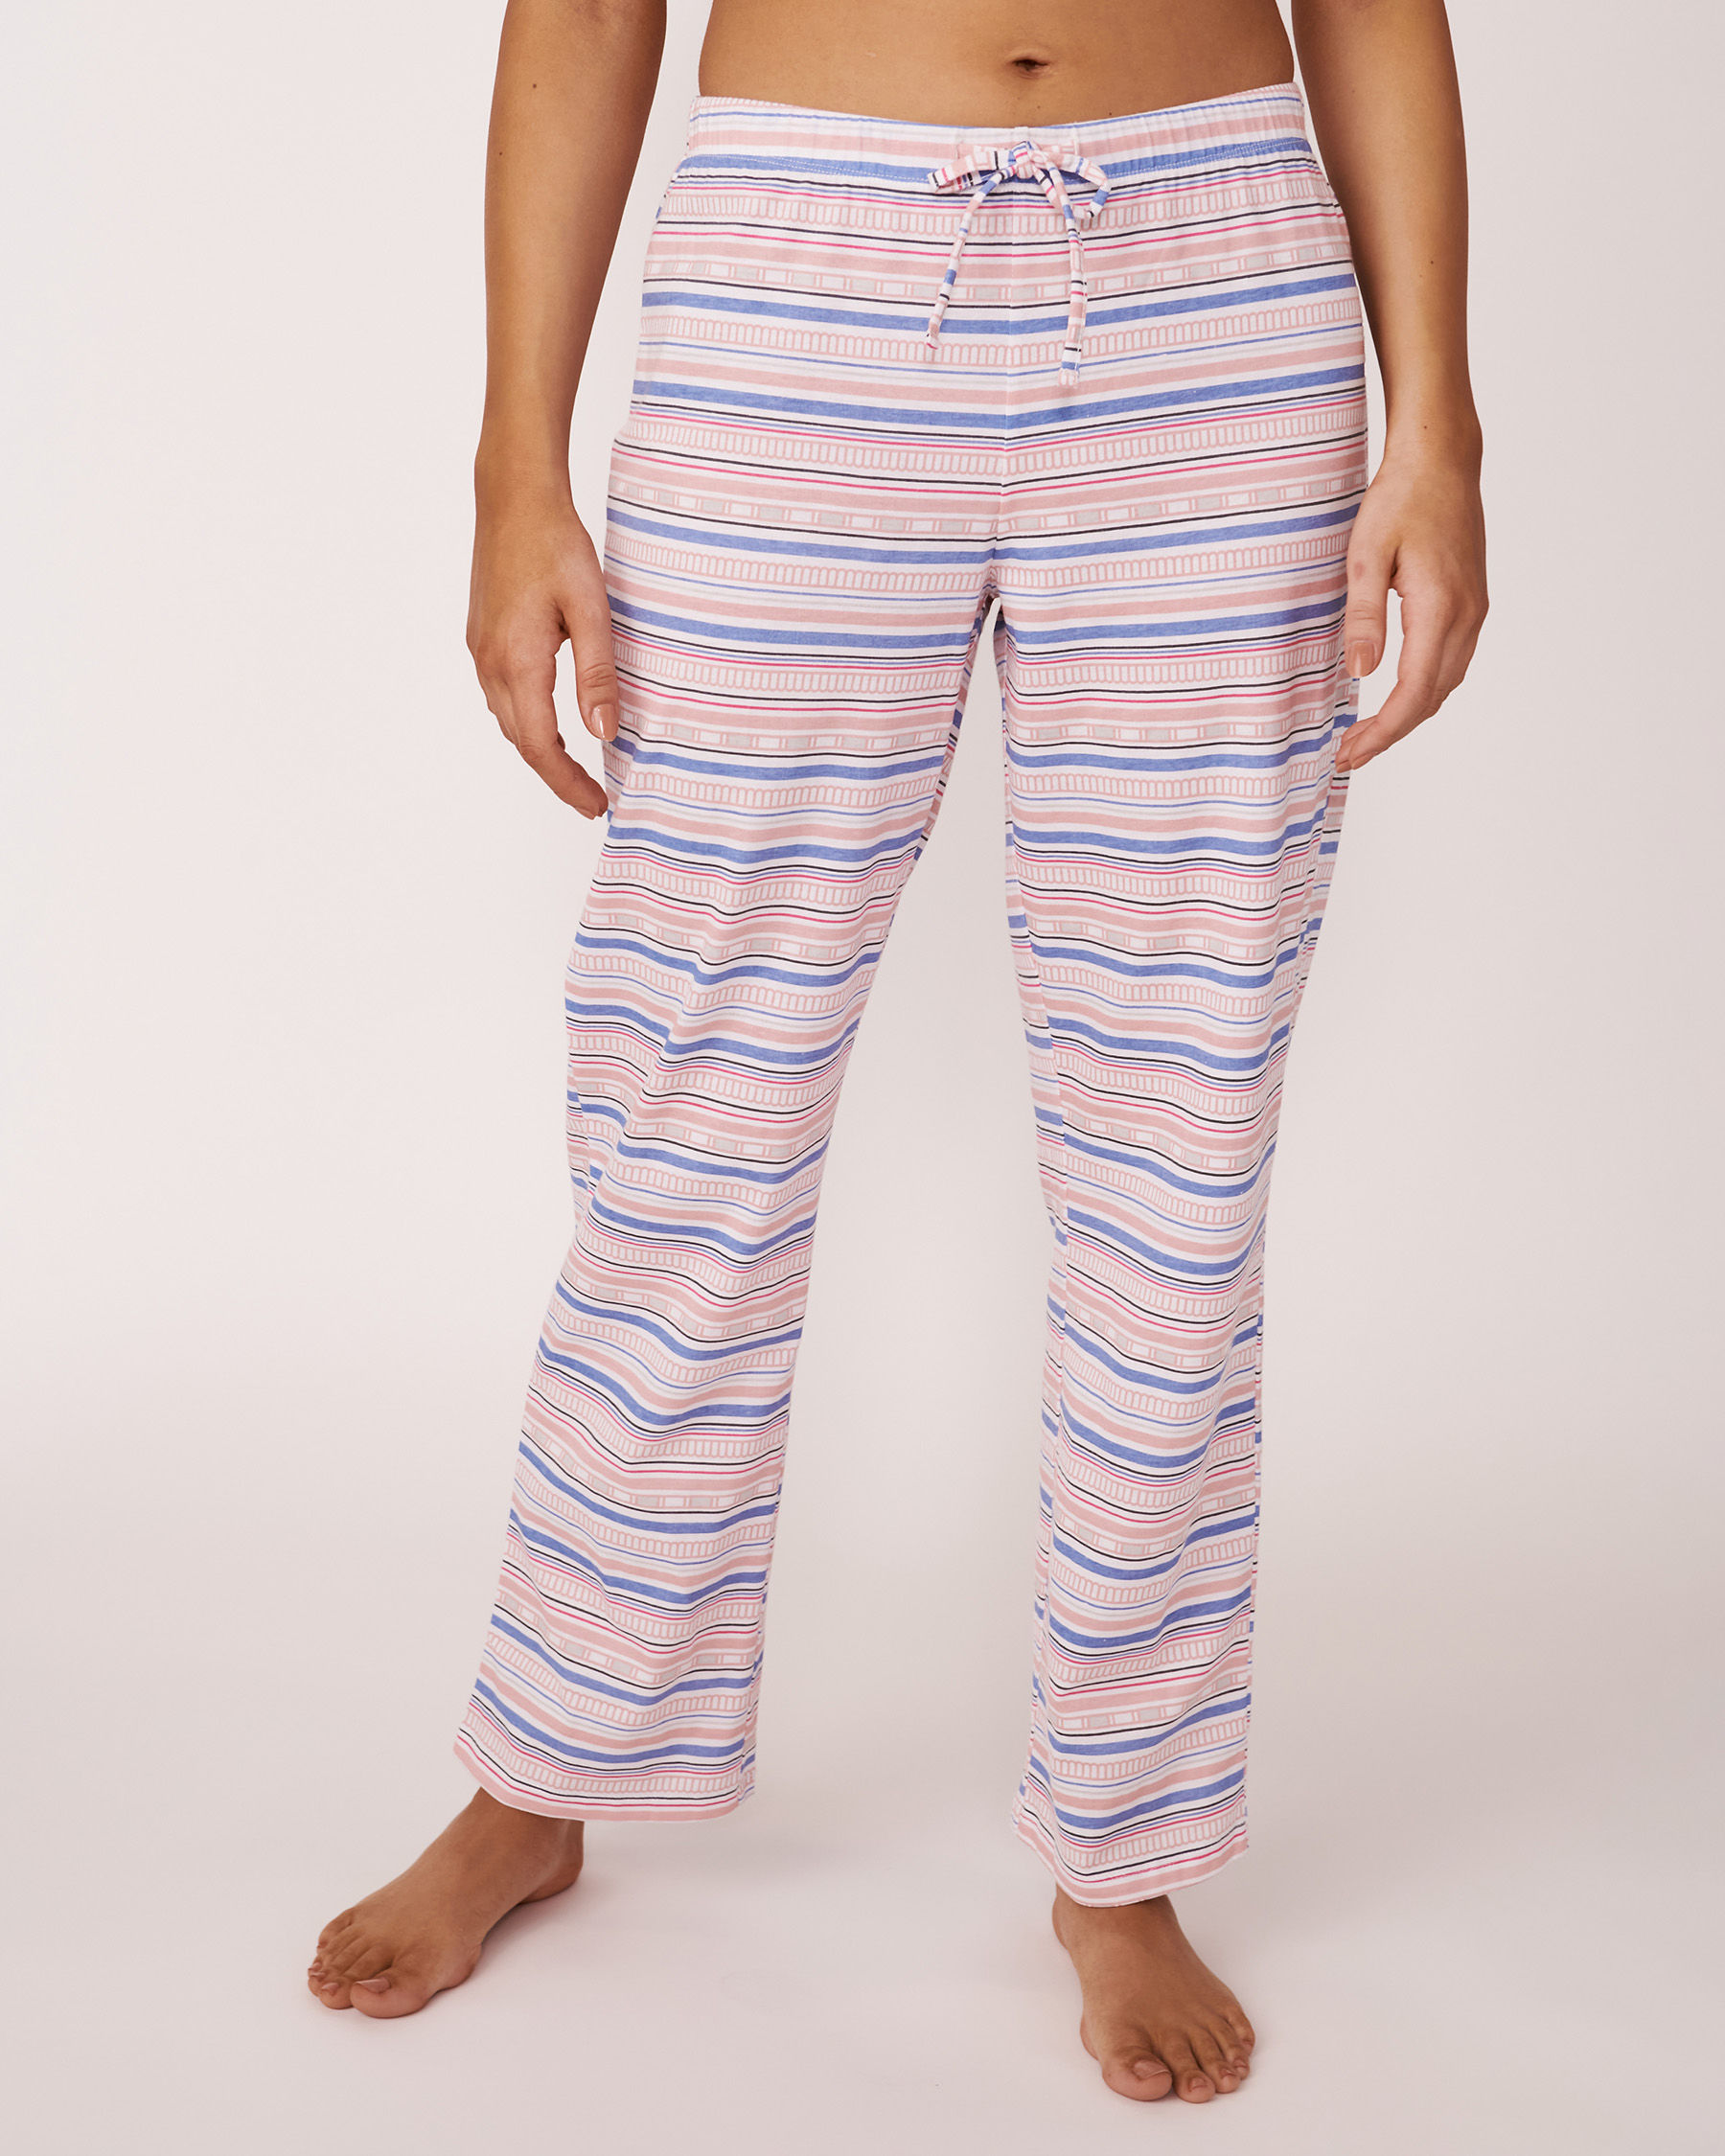 LA VIE EN ROSE Pantalon jambe droite Imprimé multicolore 40200018 - Voir1